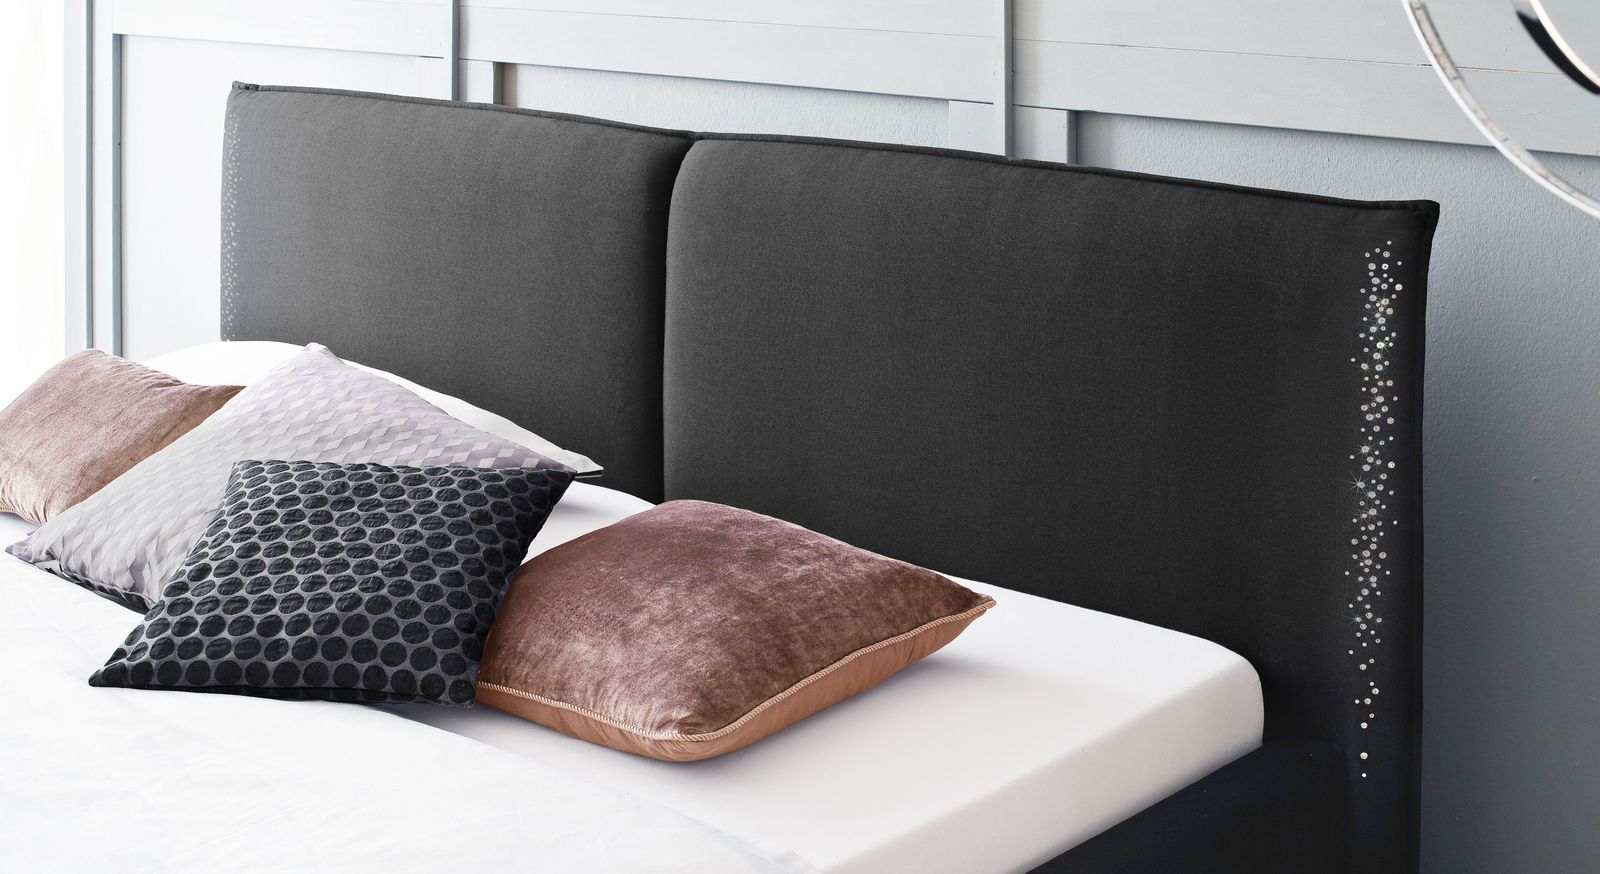 Bequemes Bett Capistello mit zweigeteiltem Kopfteil